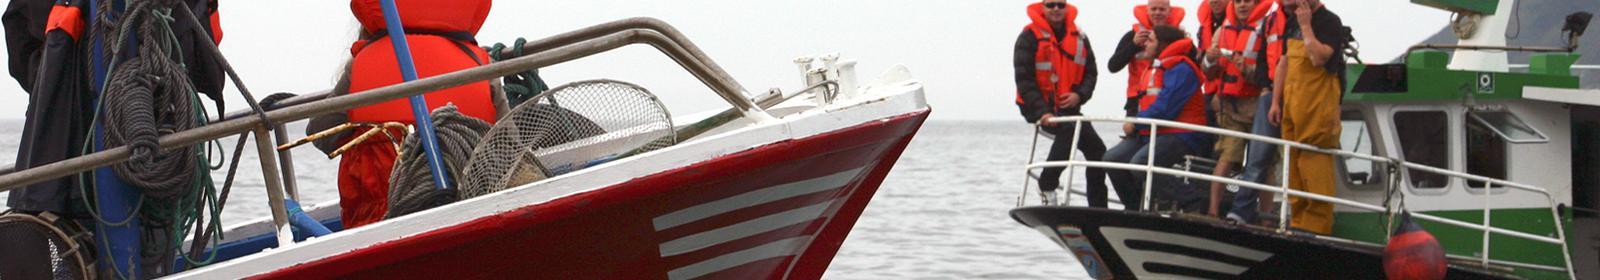 Embarques en pesqueiros